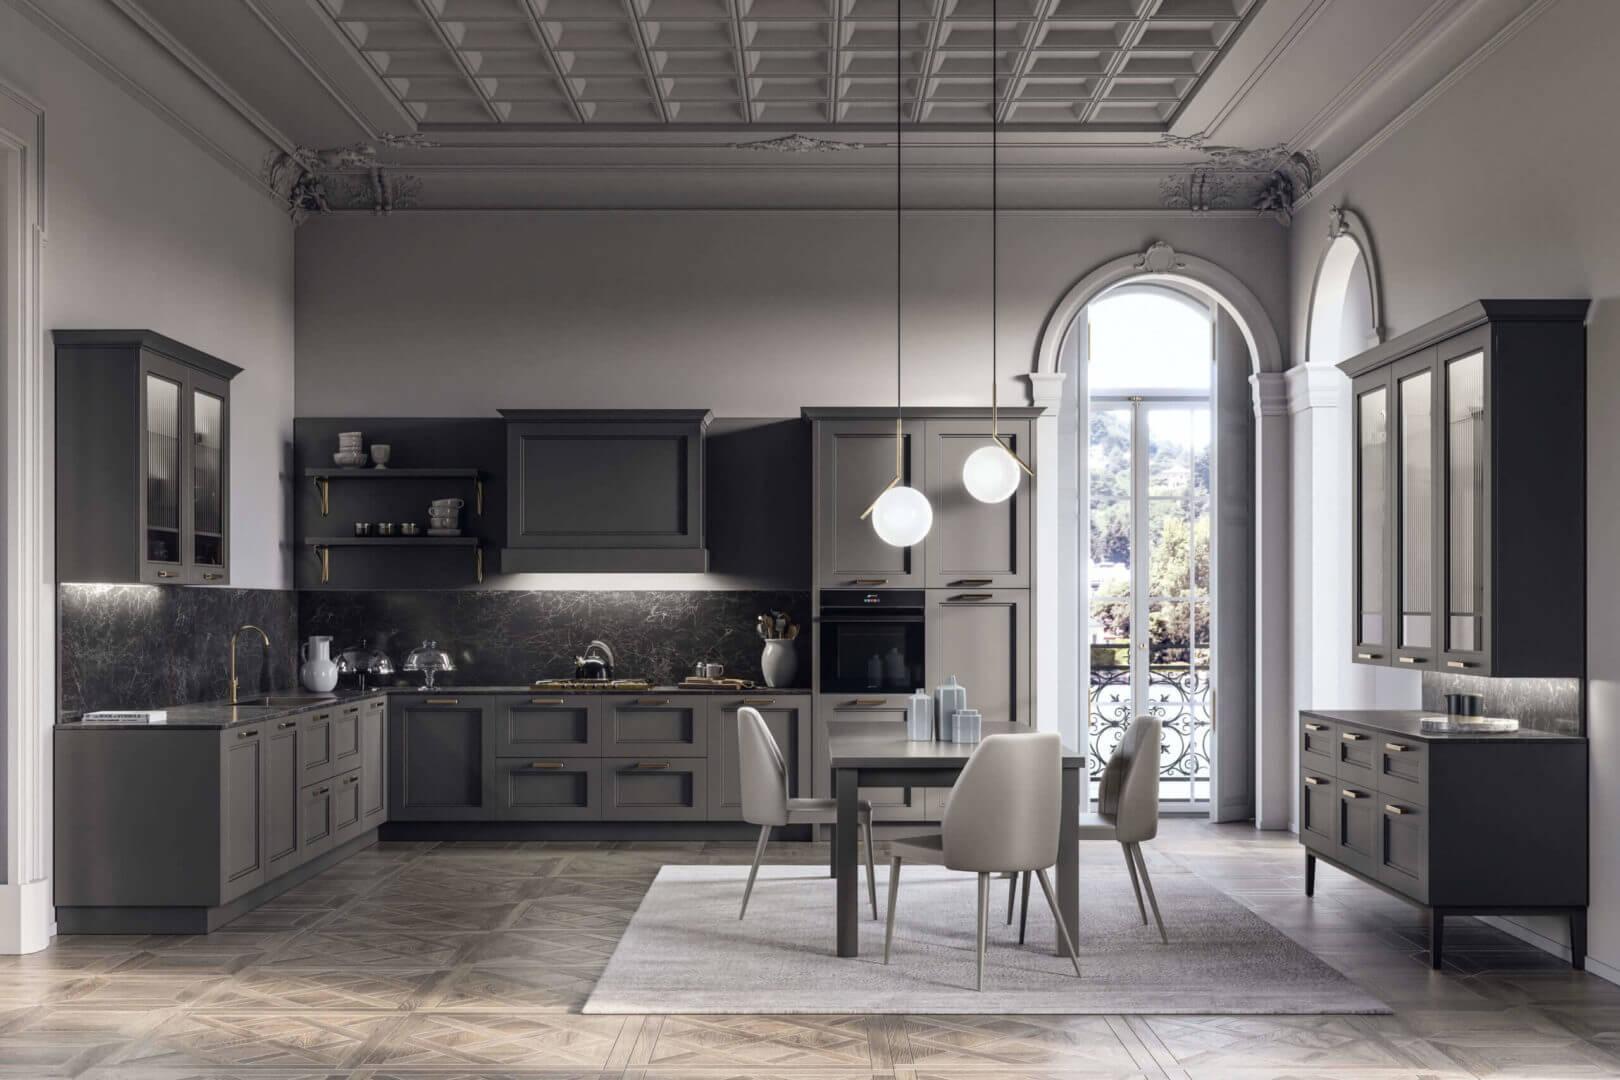 cucina con angolo legno grigio padova